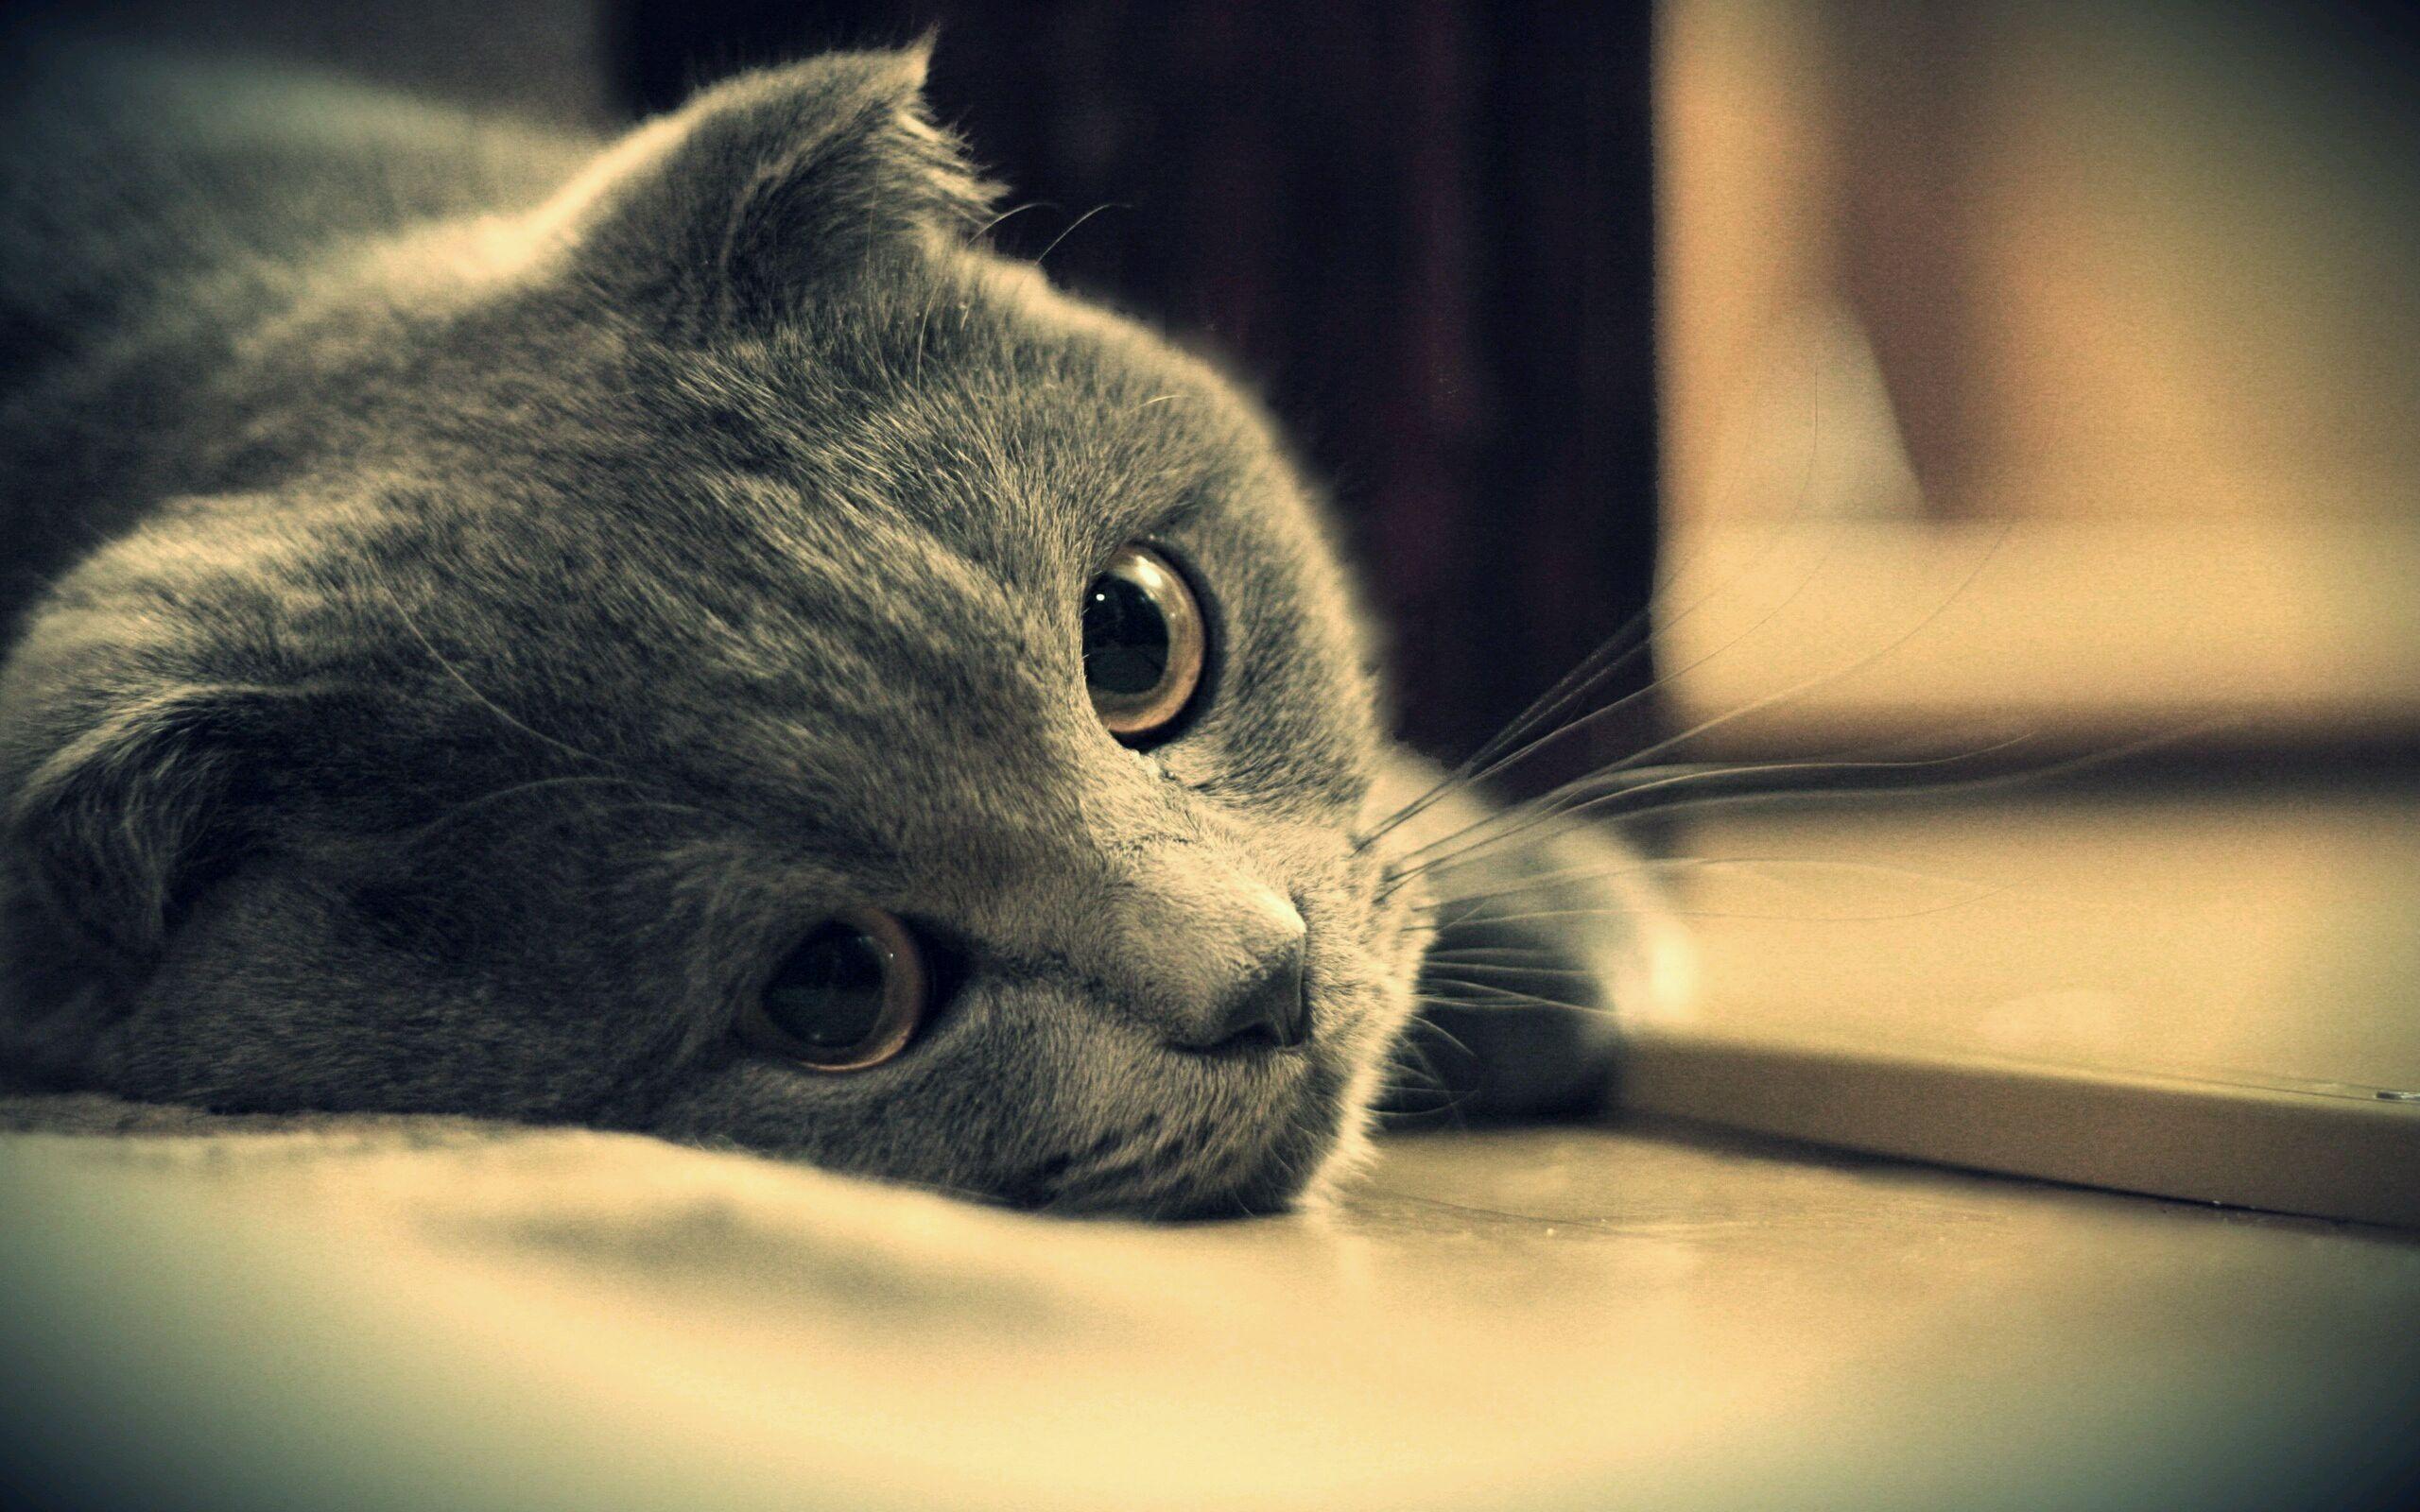 壁纸 动物 猫 猫咪 小猫 桌面 2560_1600